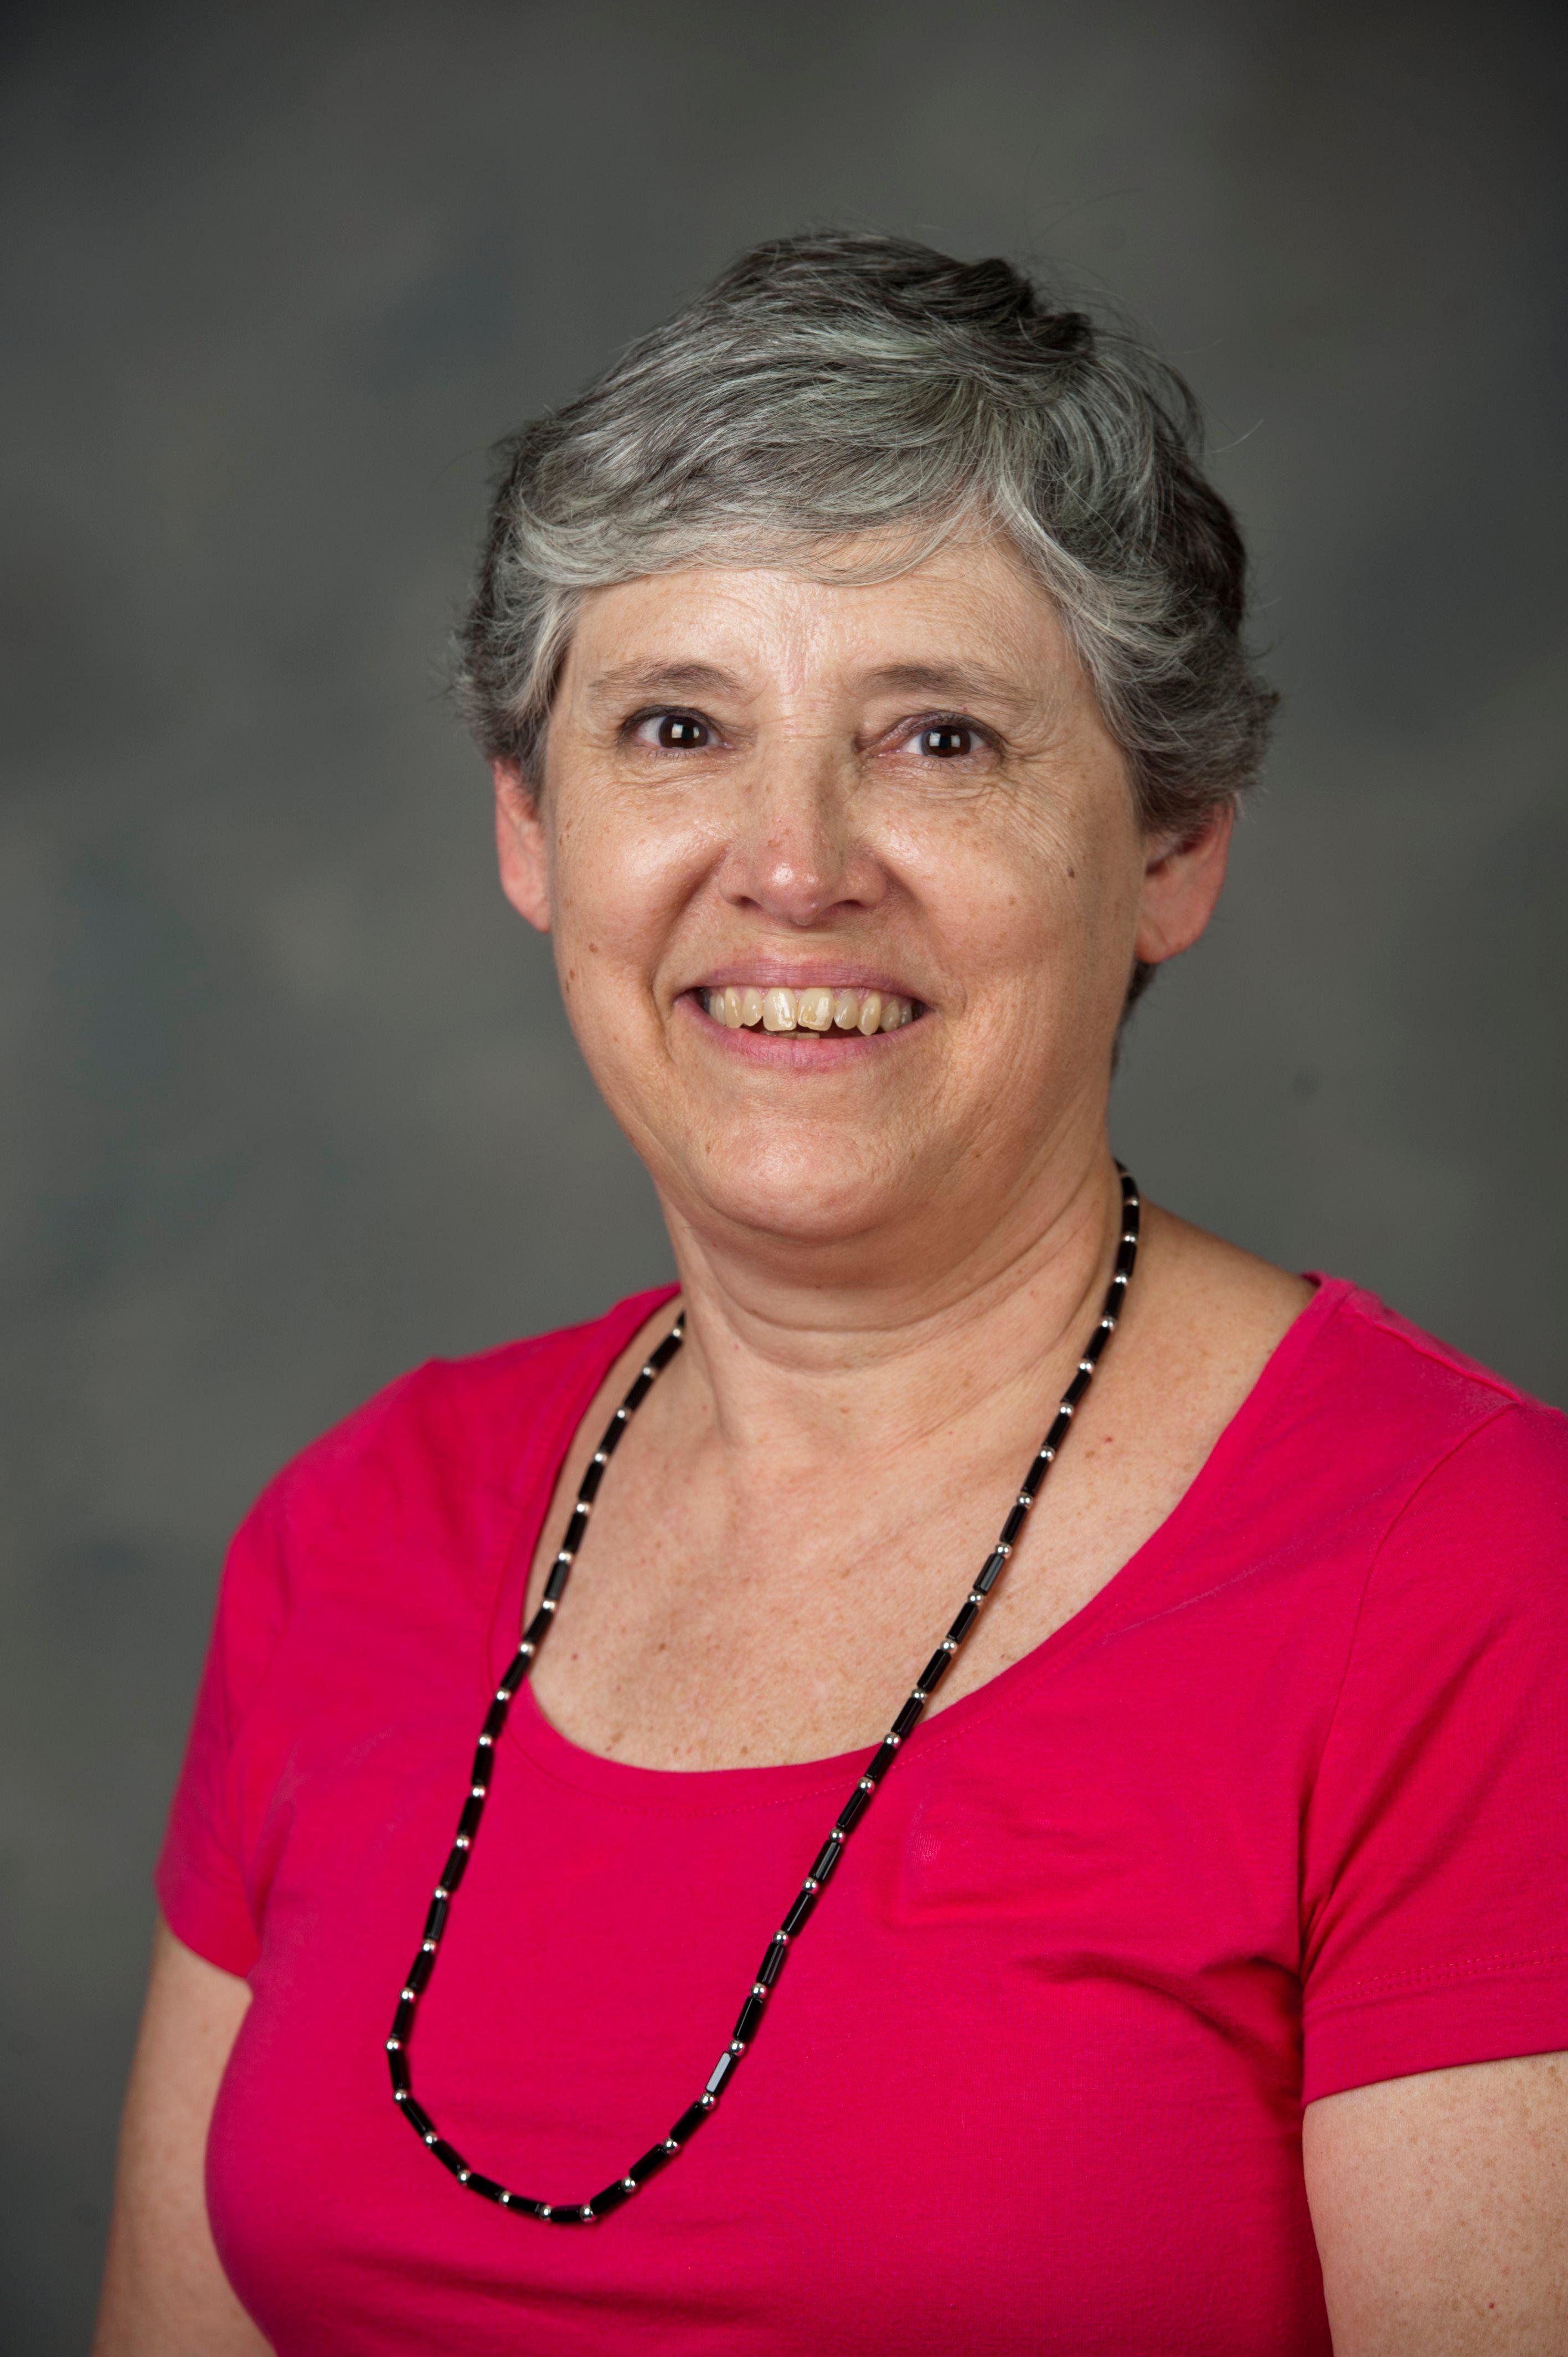 Professor Jan Mays